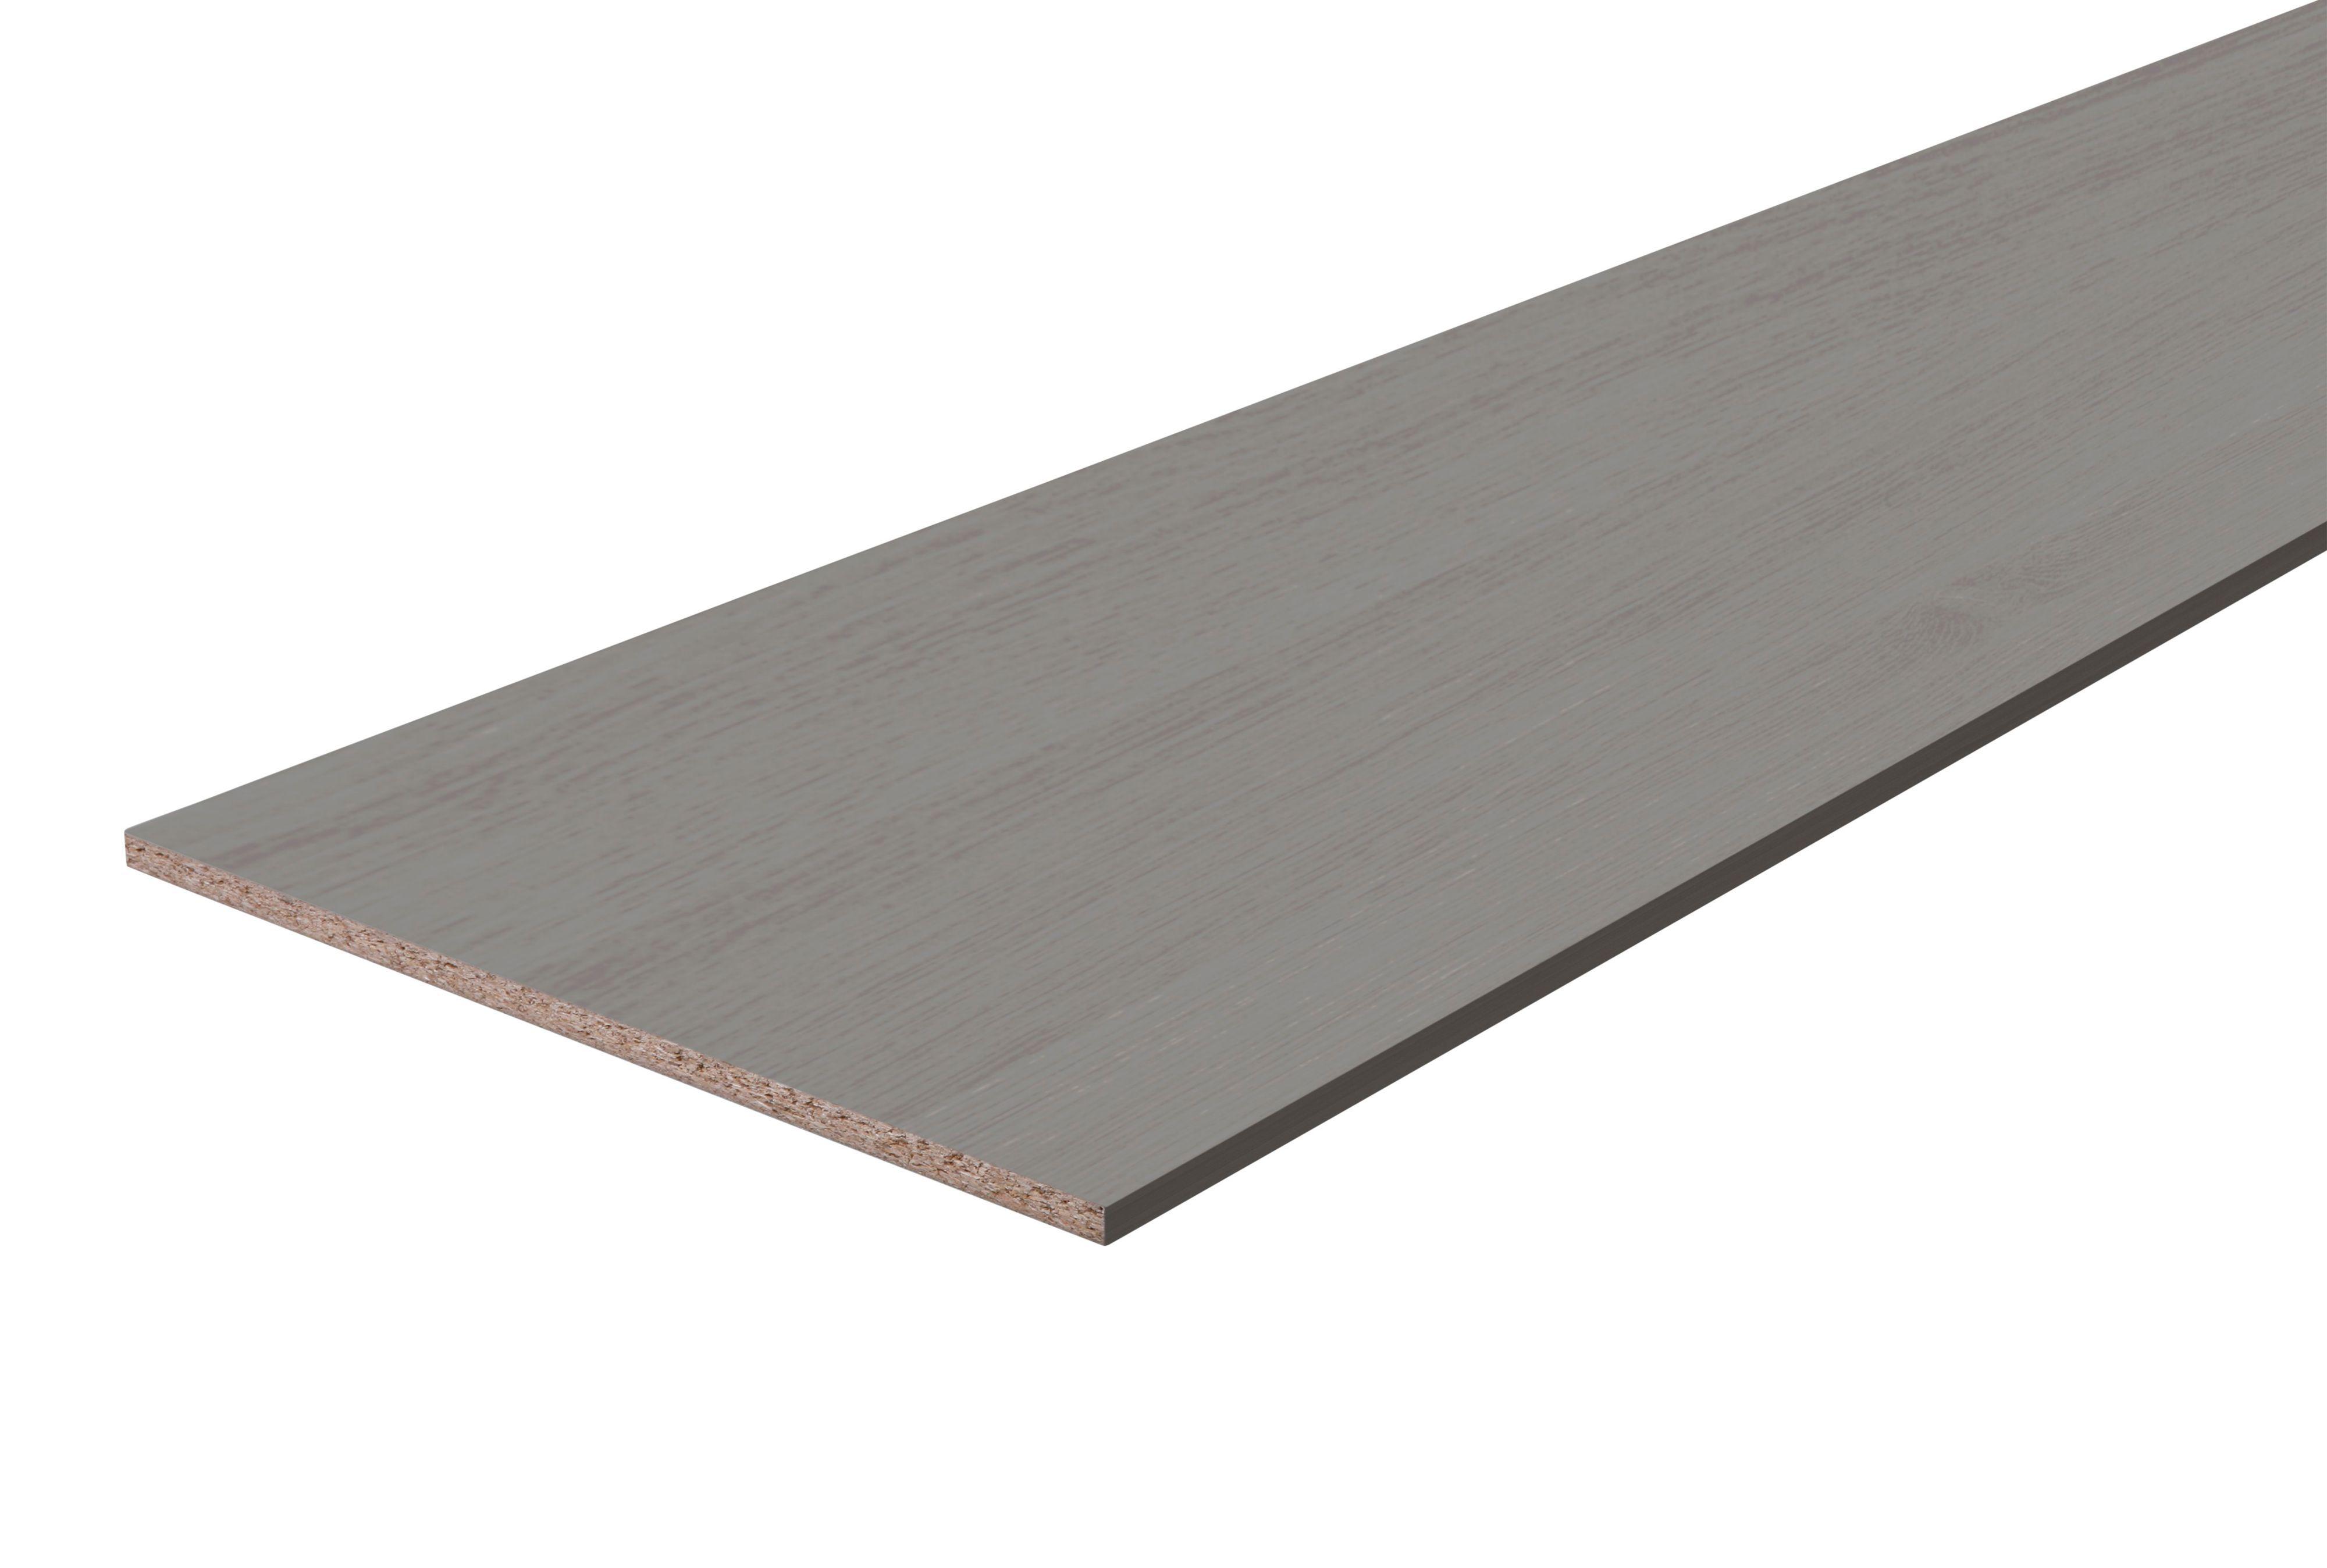 Furniture panel Grey (L)2500mm (W)300mm (T)18mm